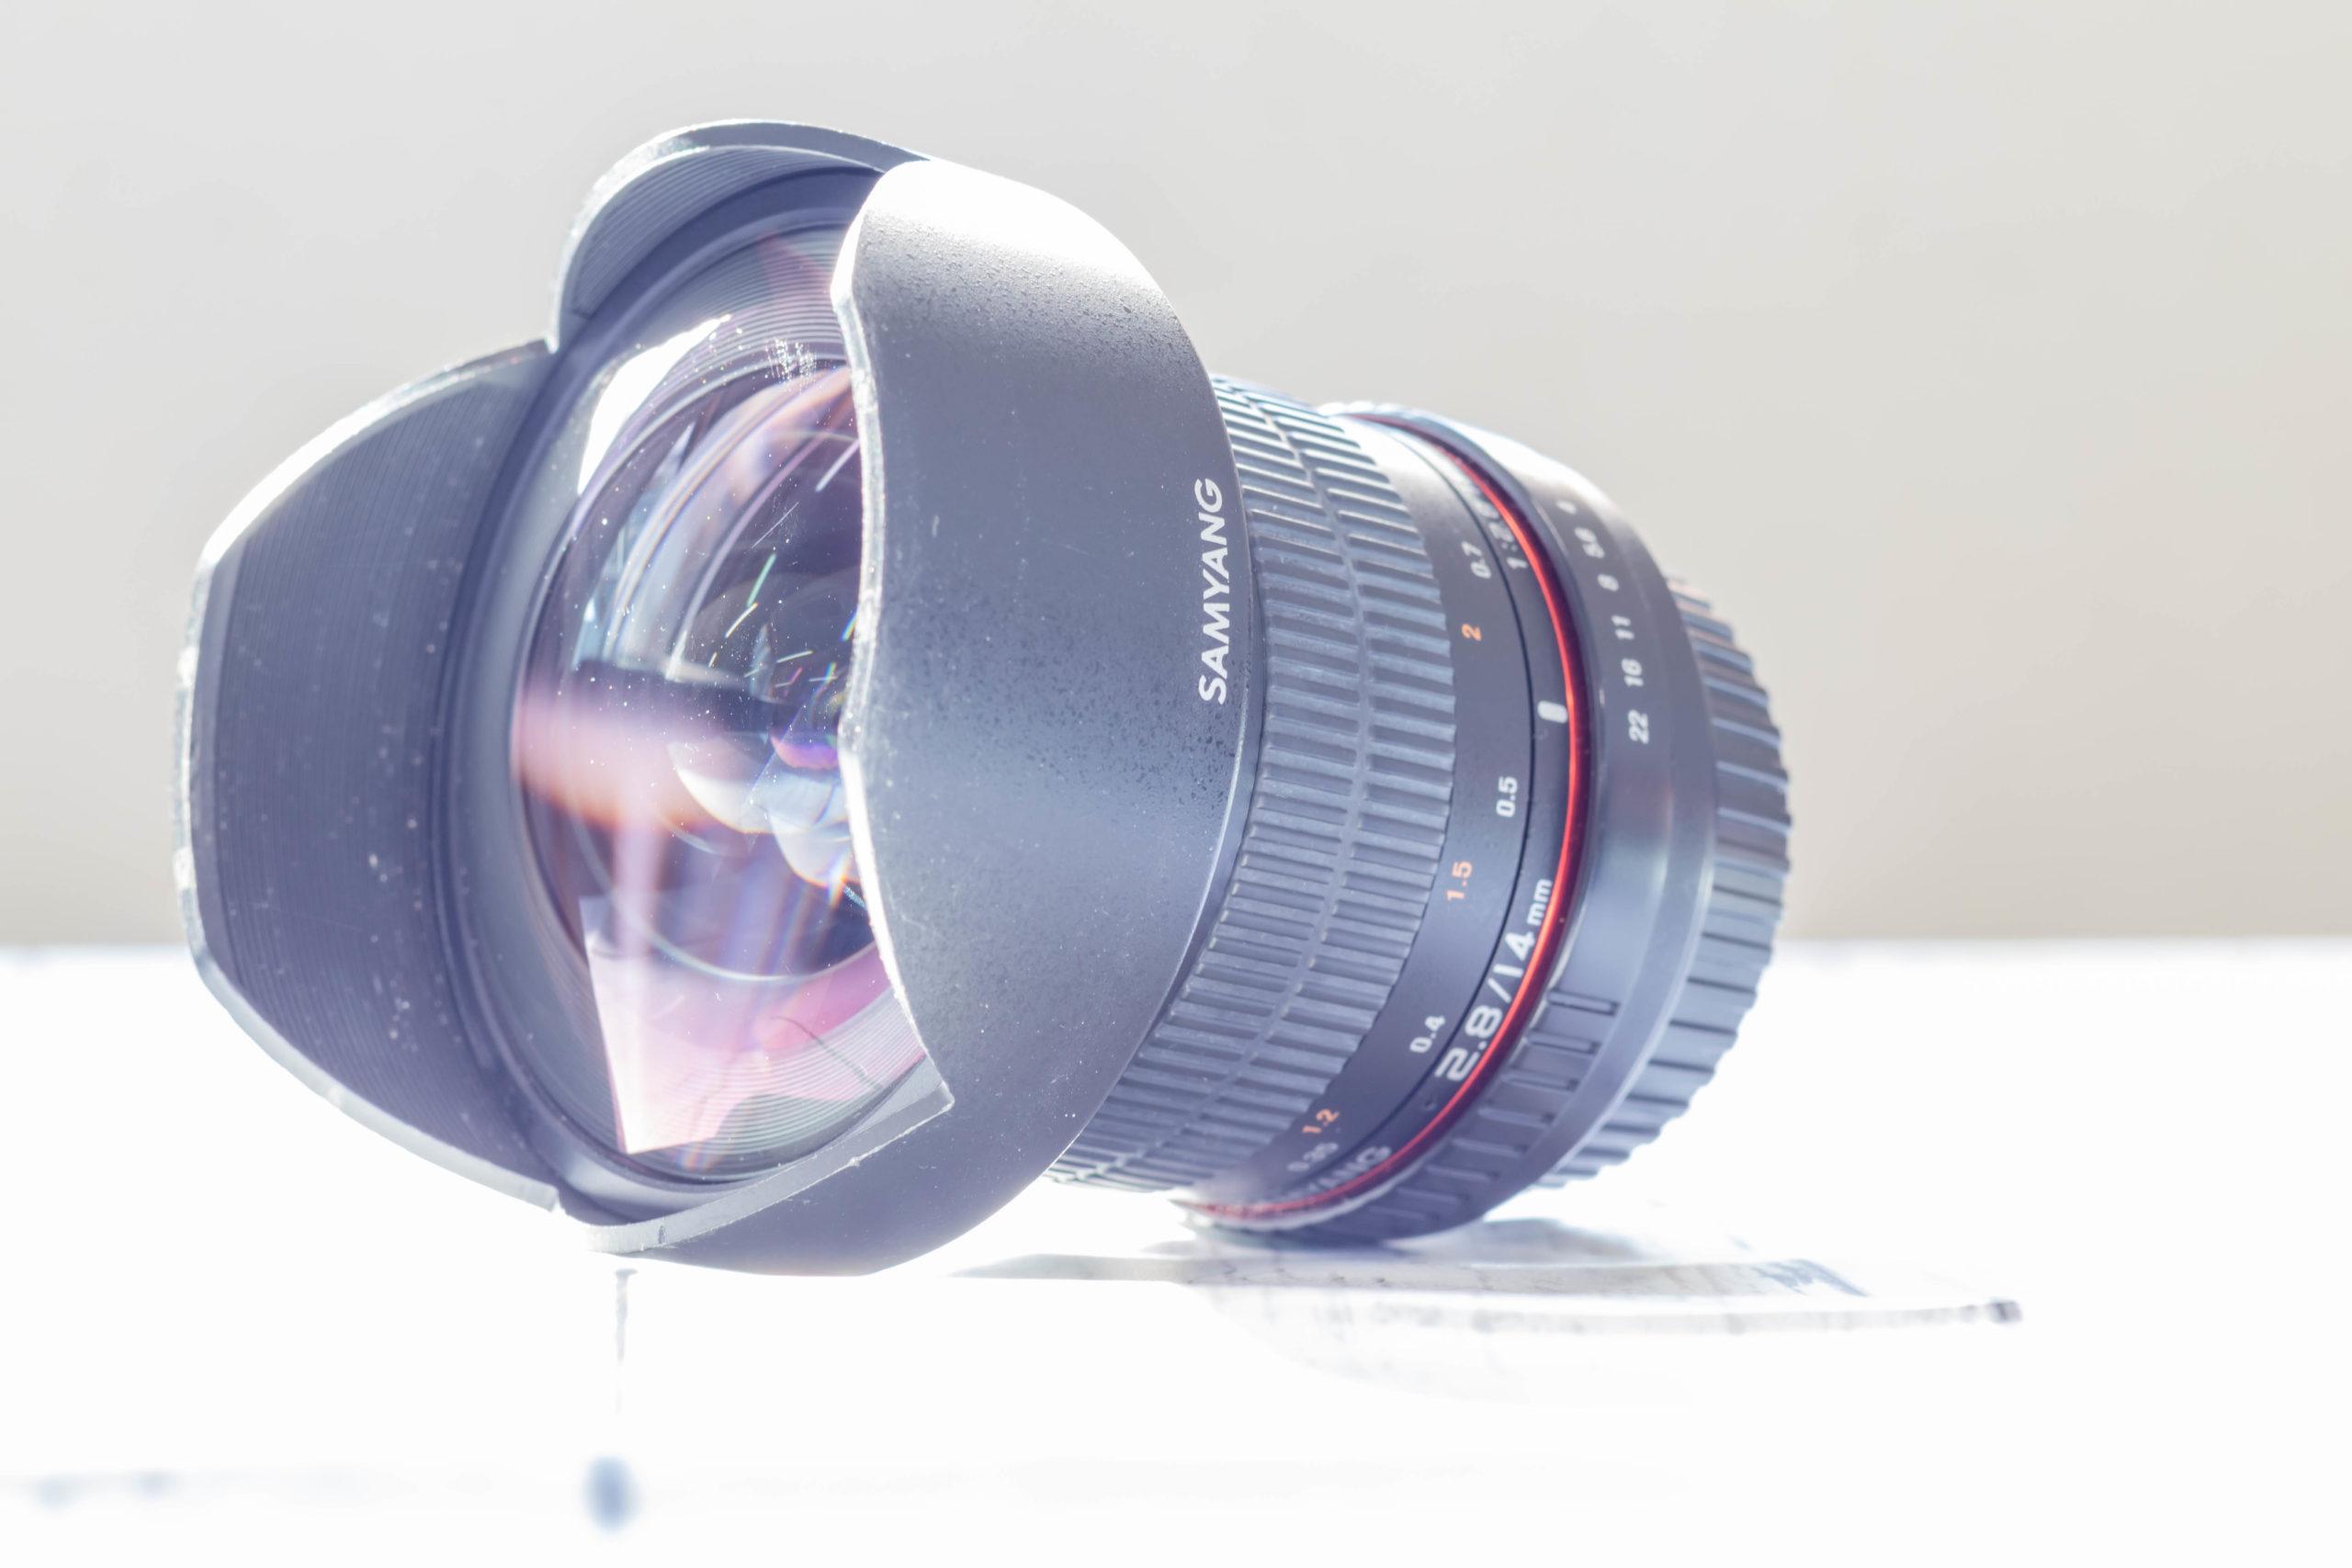 SAMYANG 14mm F2.8 全体